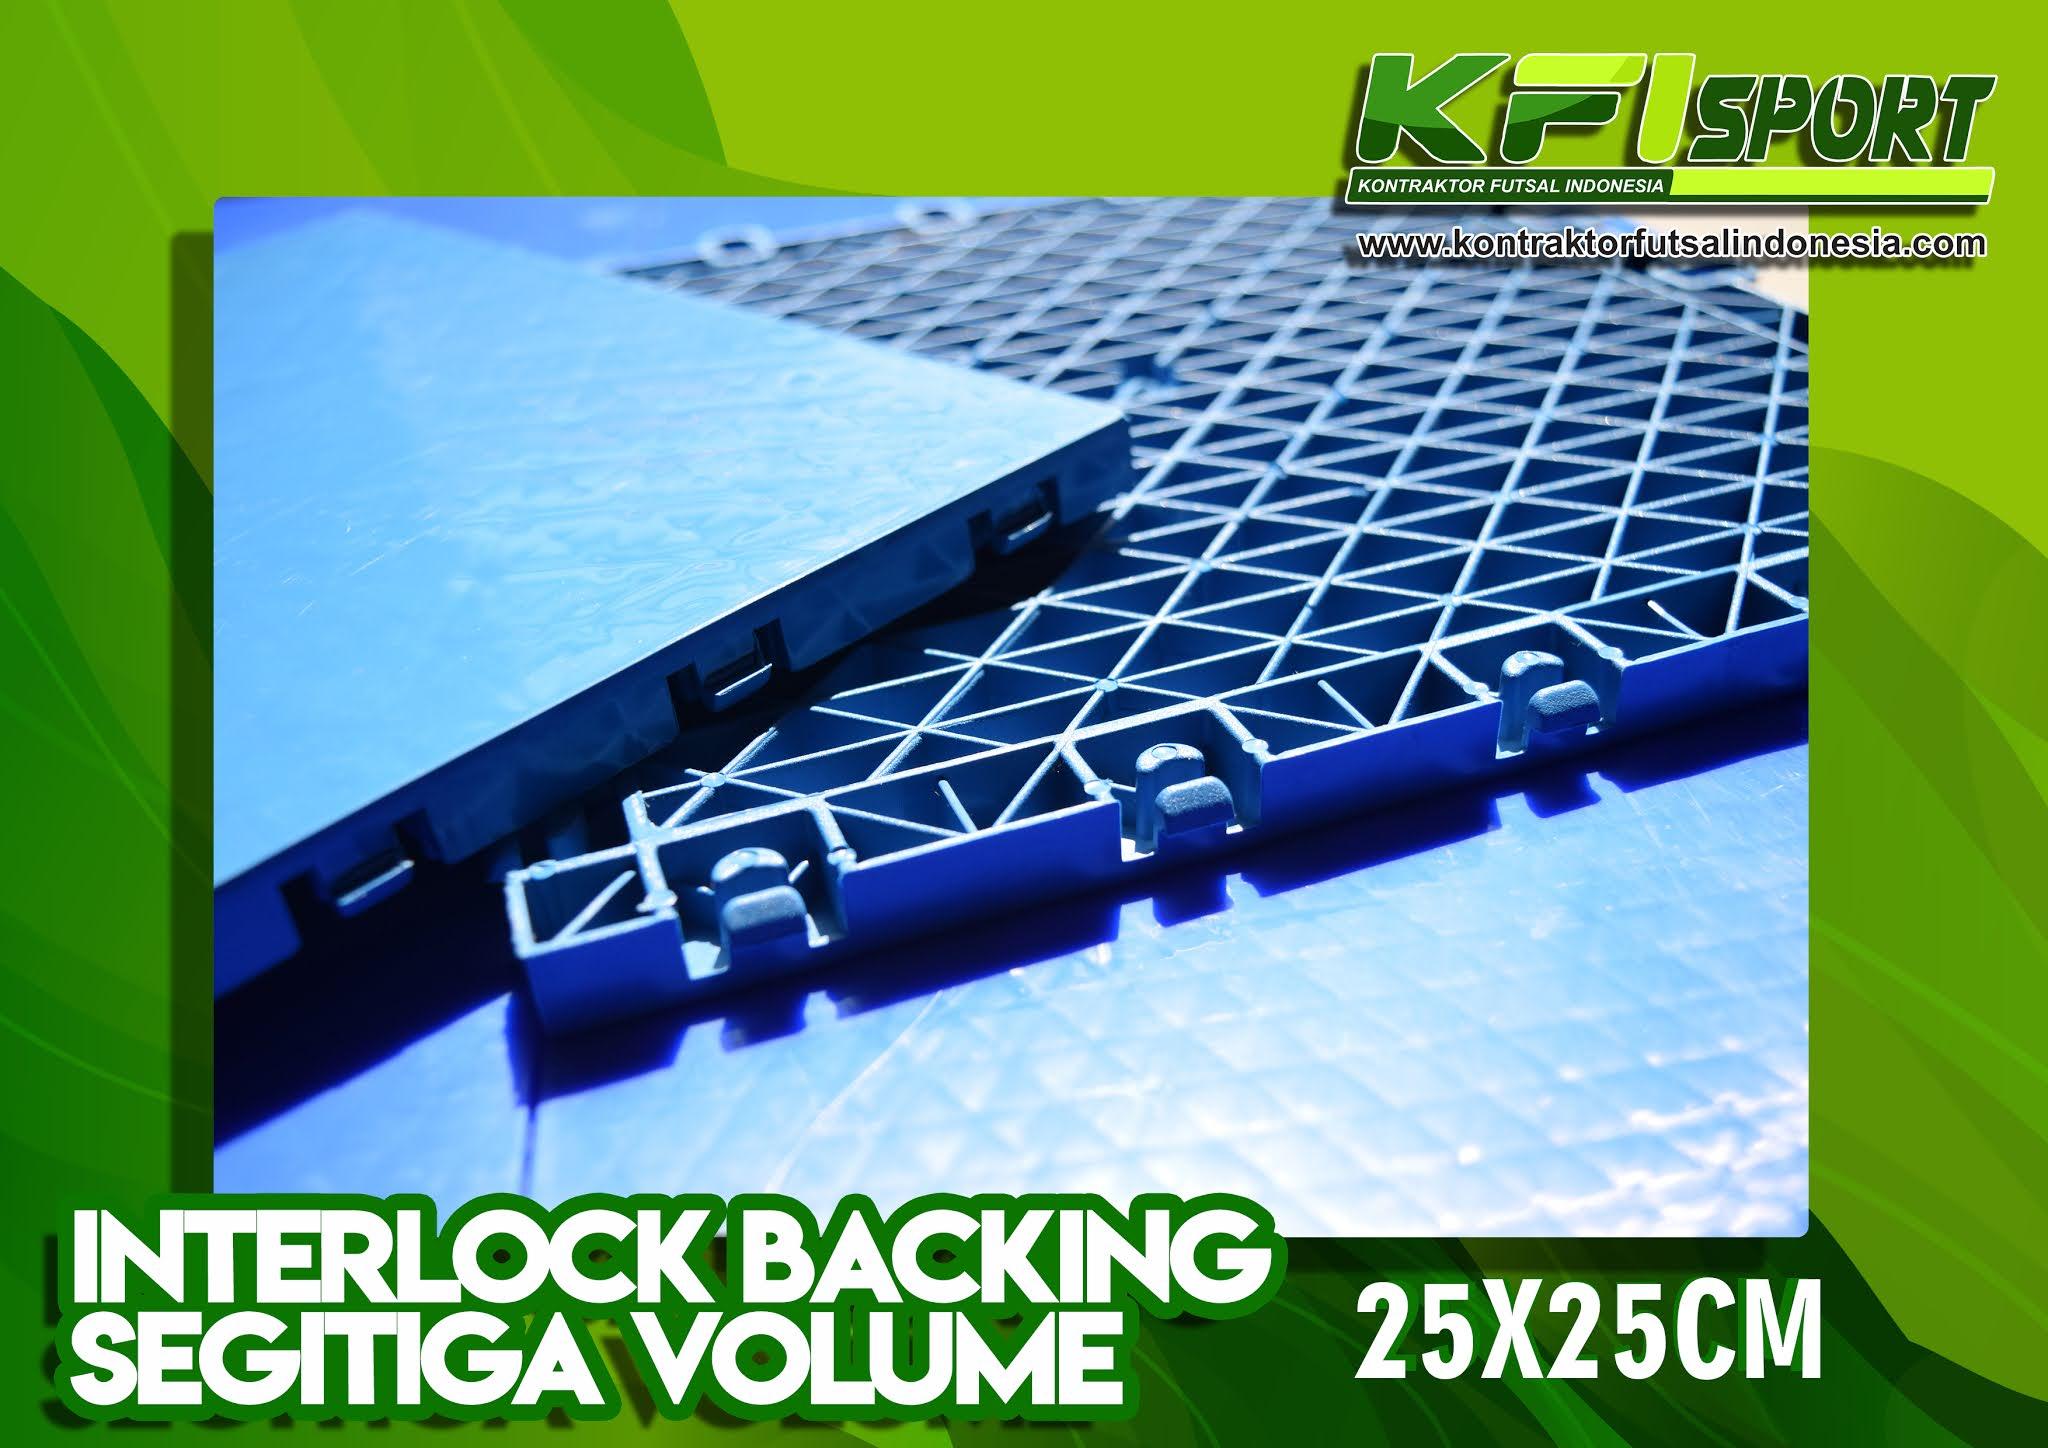 interlock futsal Backing segitiga